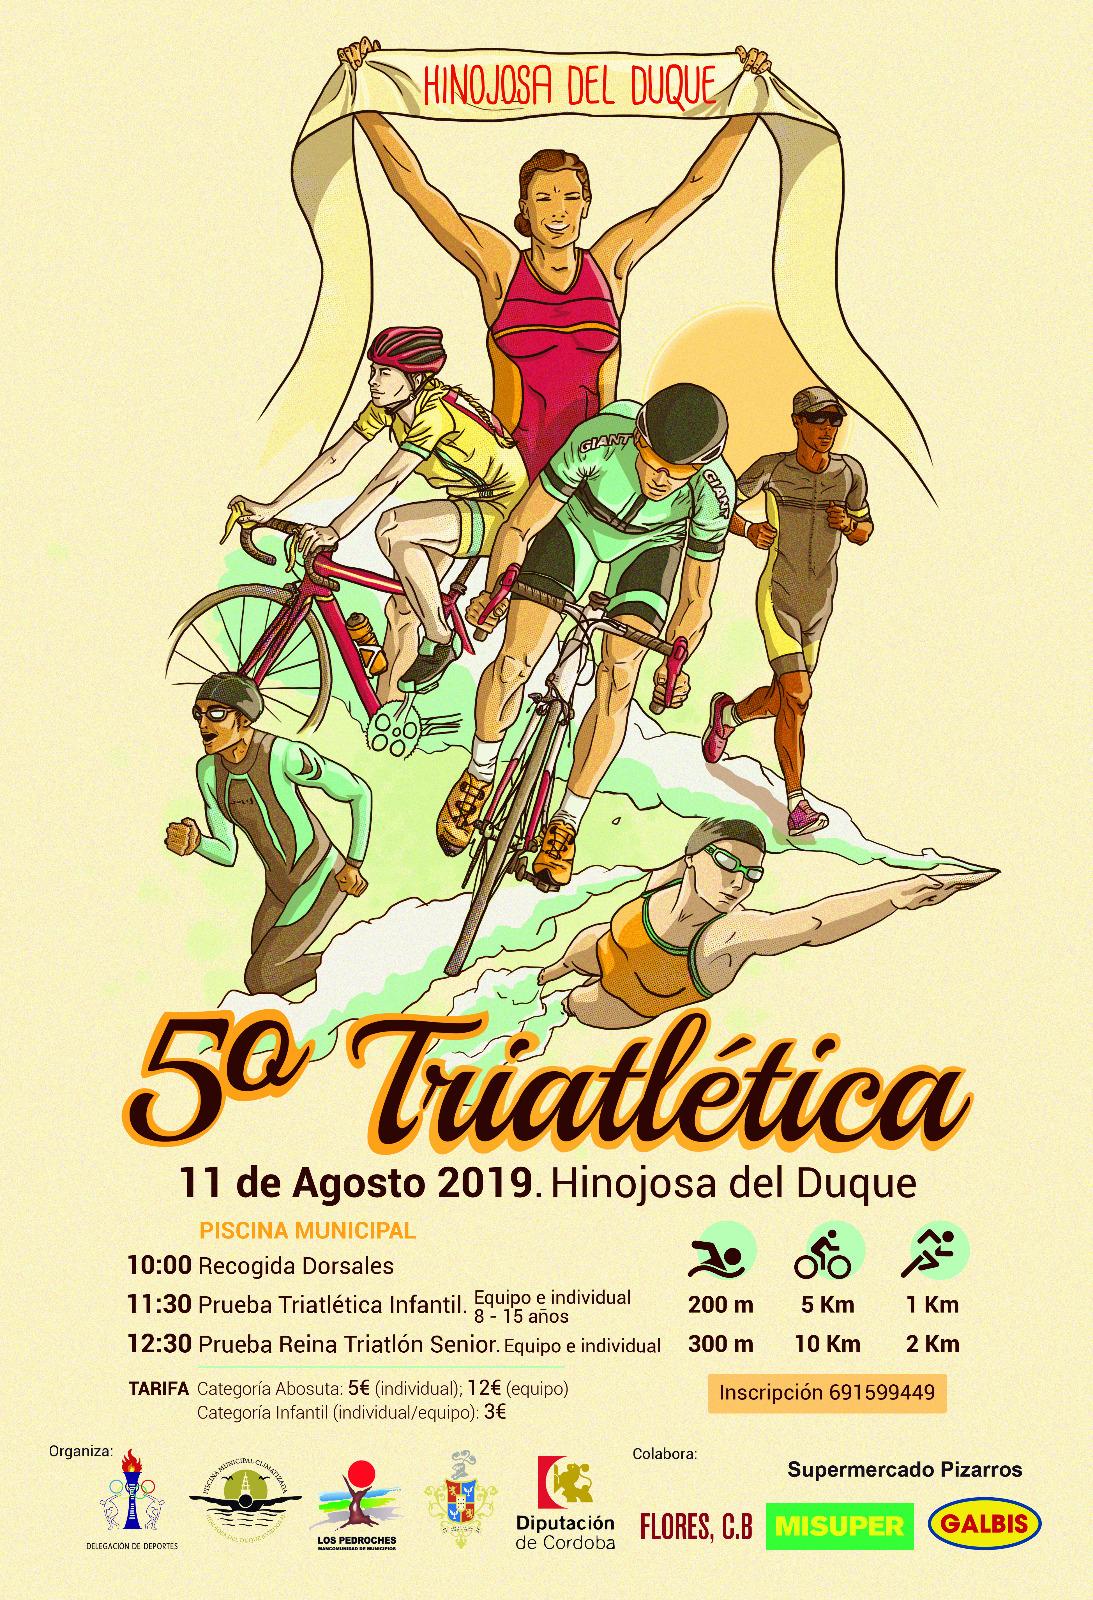 5 triatlética